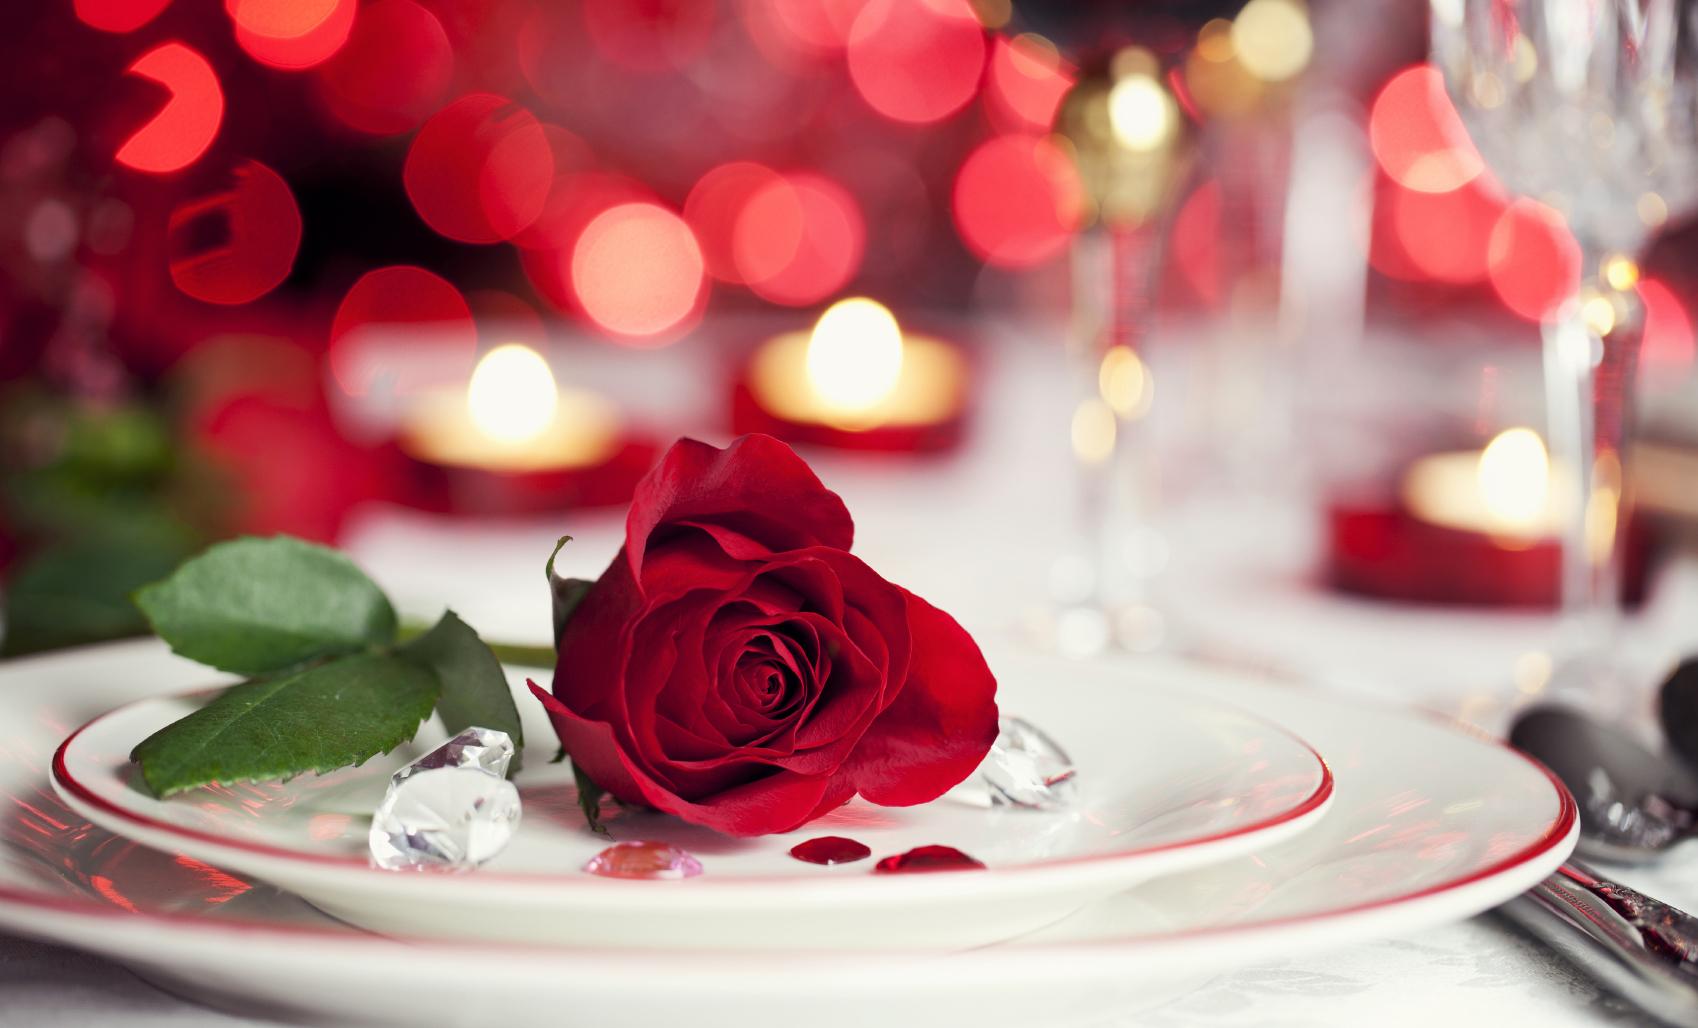 Come apparecchiare tavola romantica a San Valentino